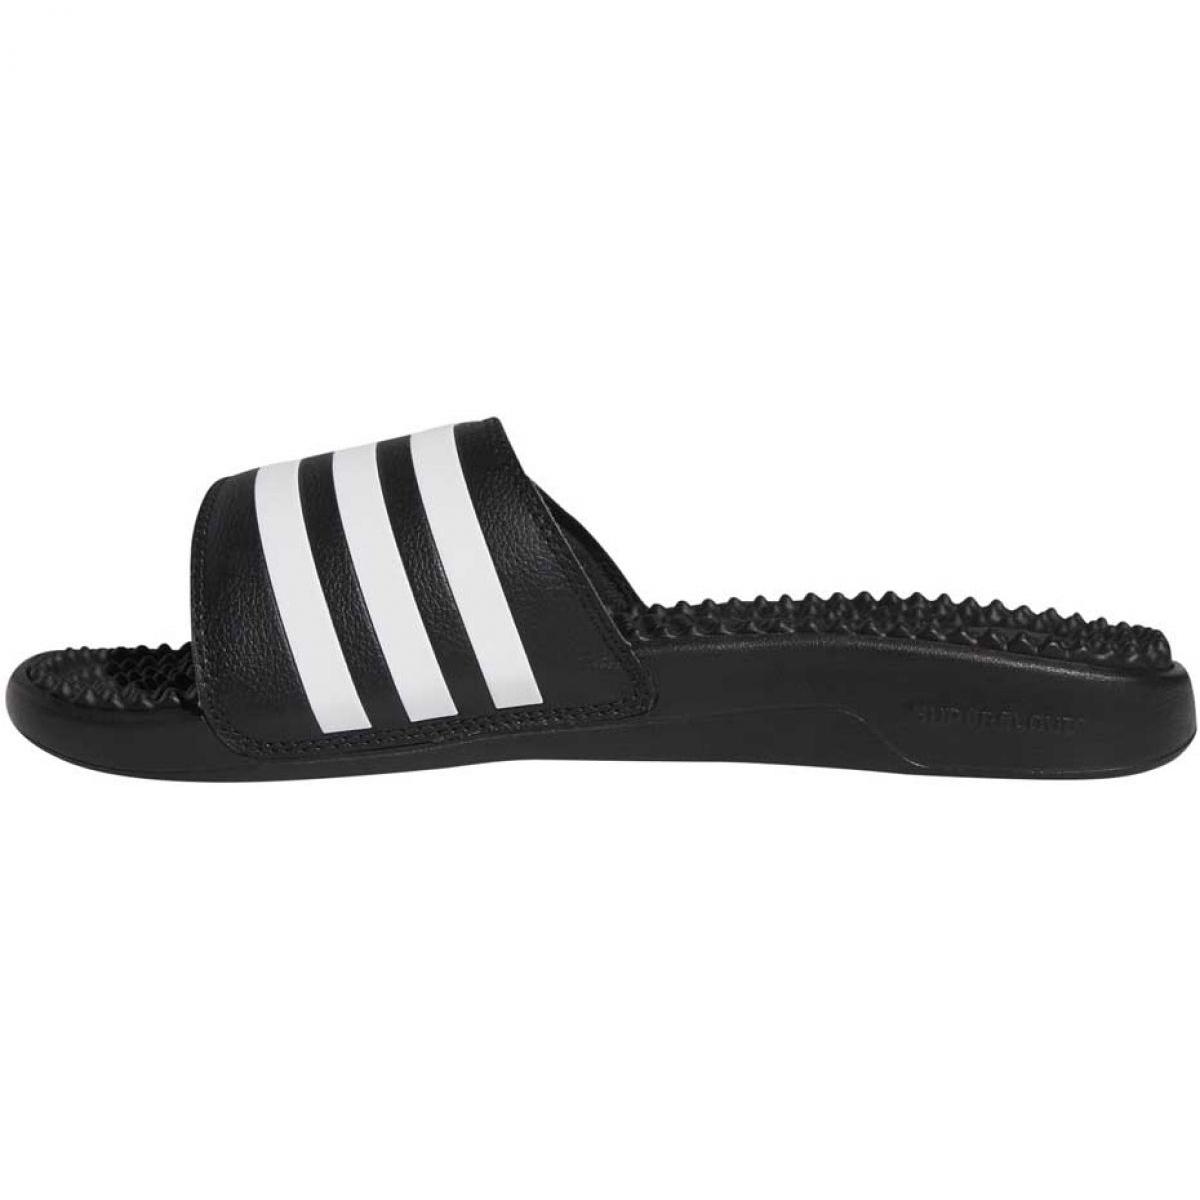 Divat Cipők Fekete fehér férfi papucs ADIDAS Aqualette